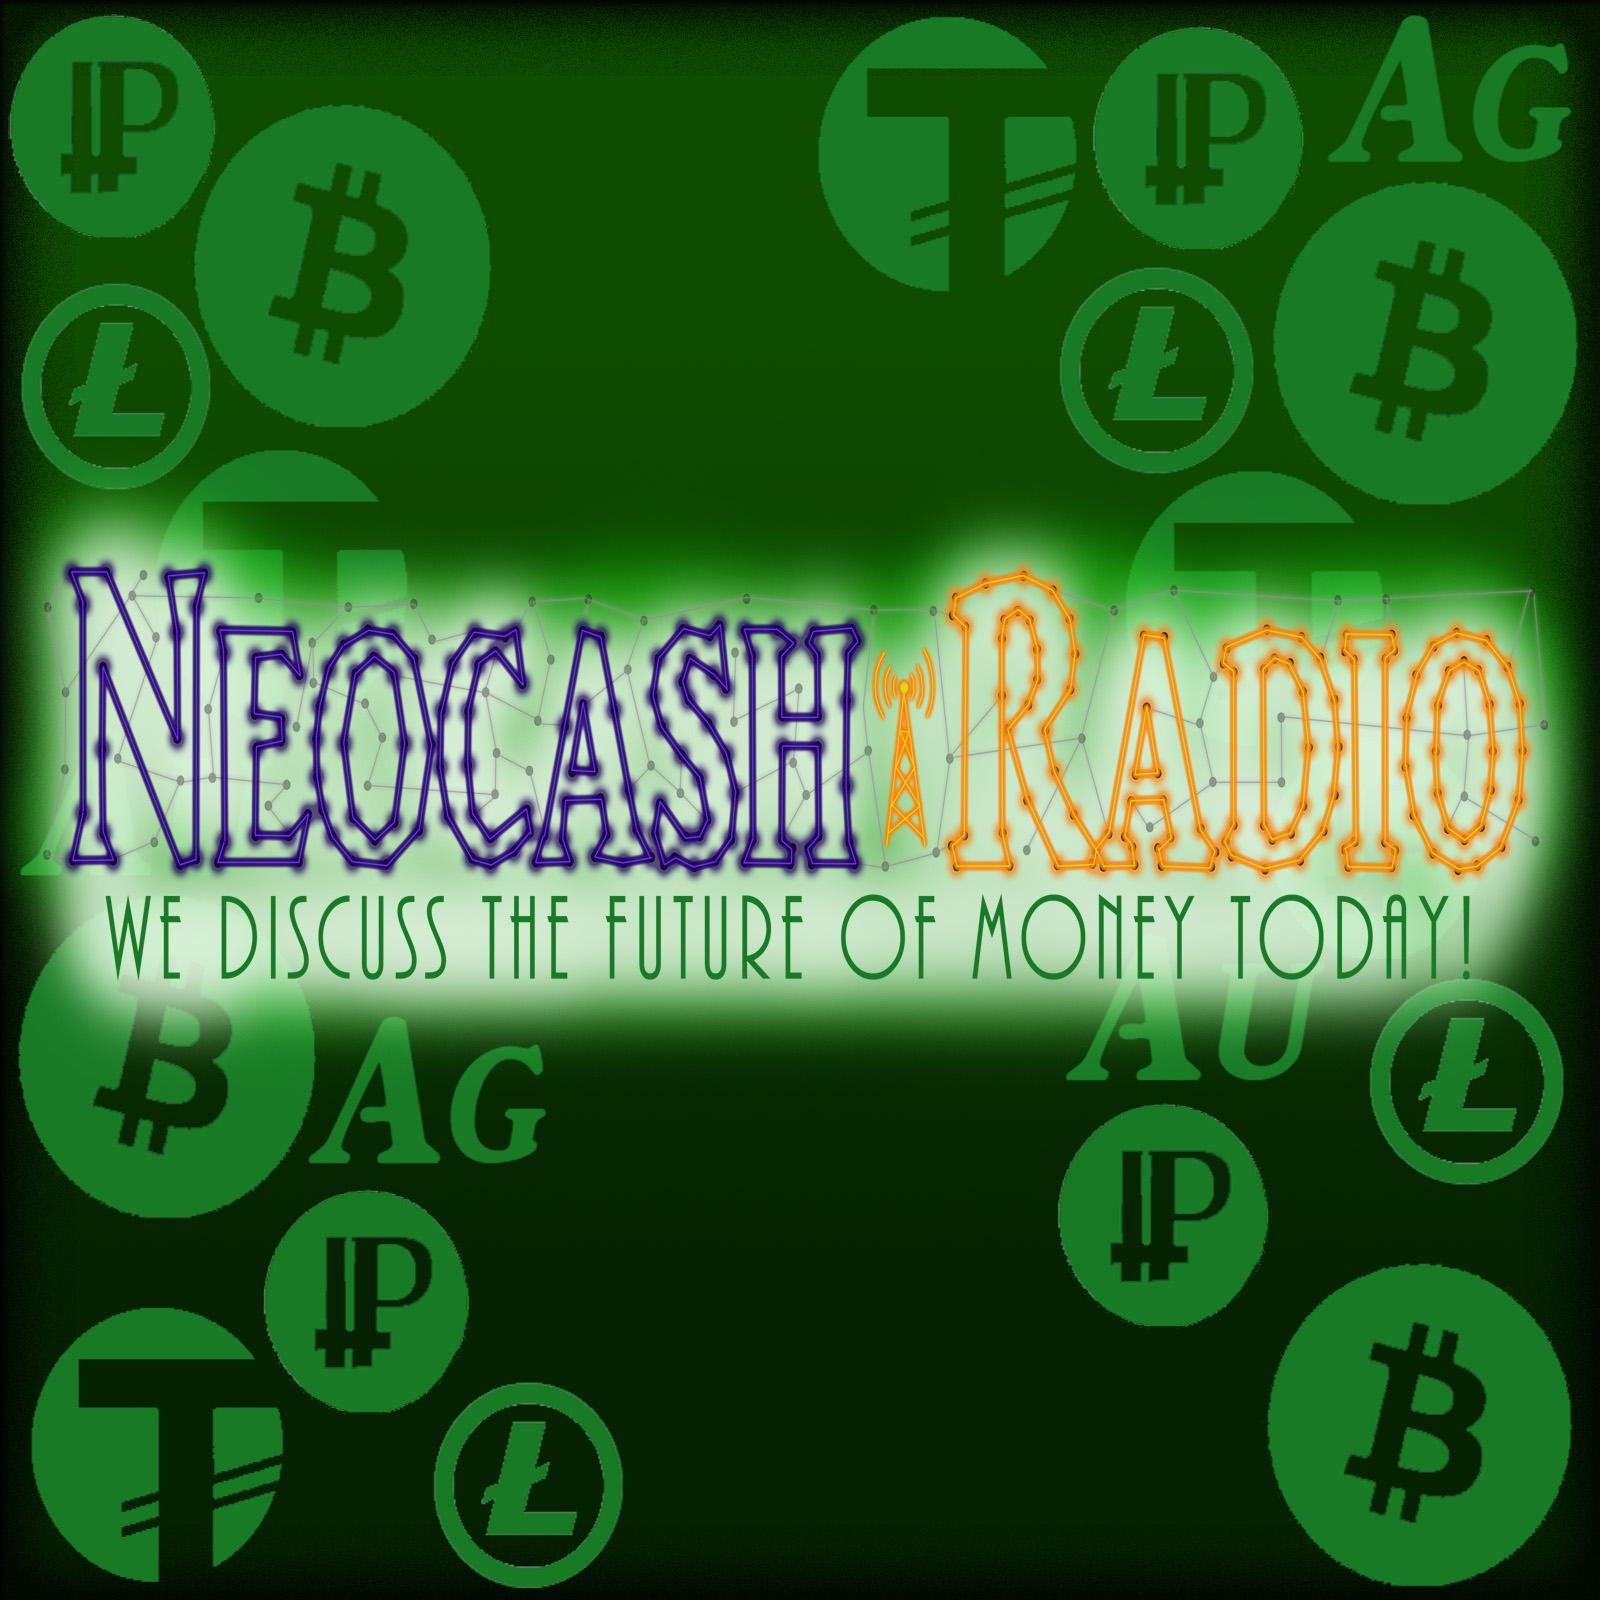 Neocash Radio - Episode 159